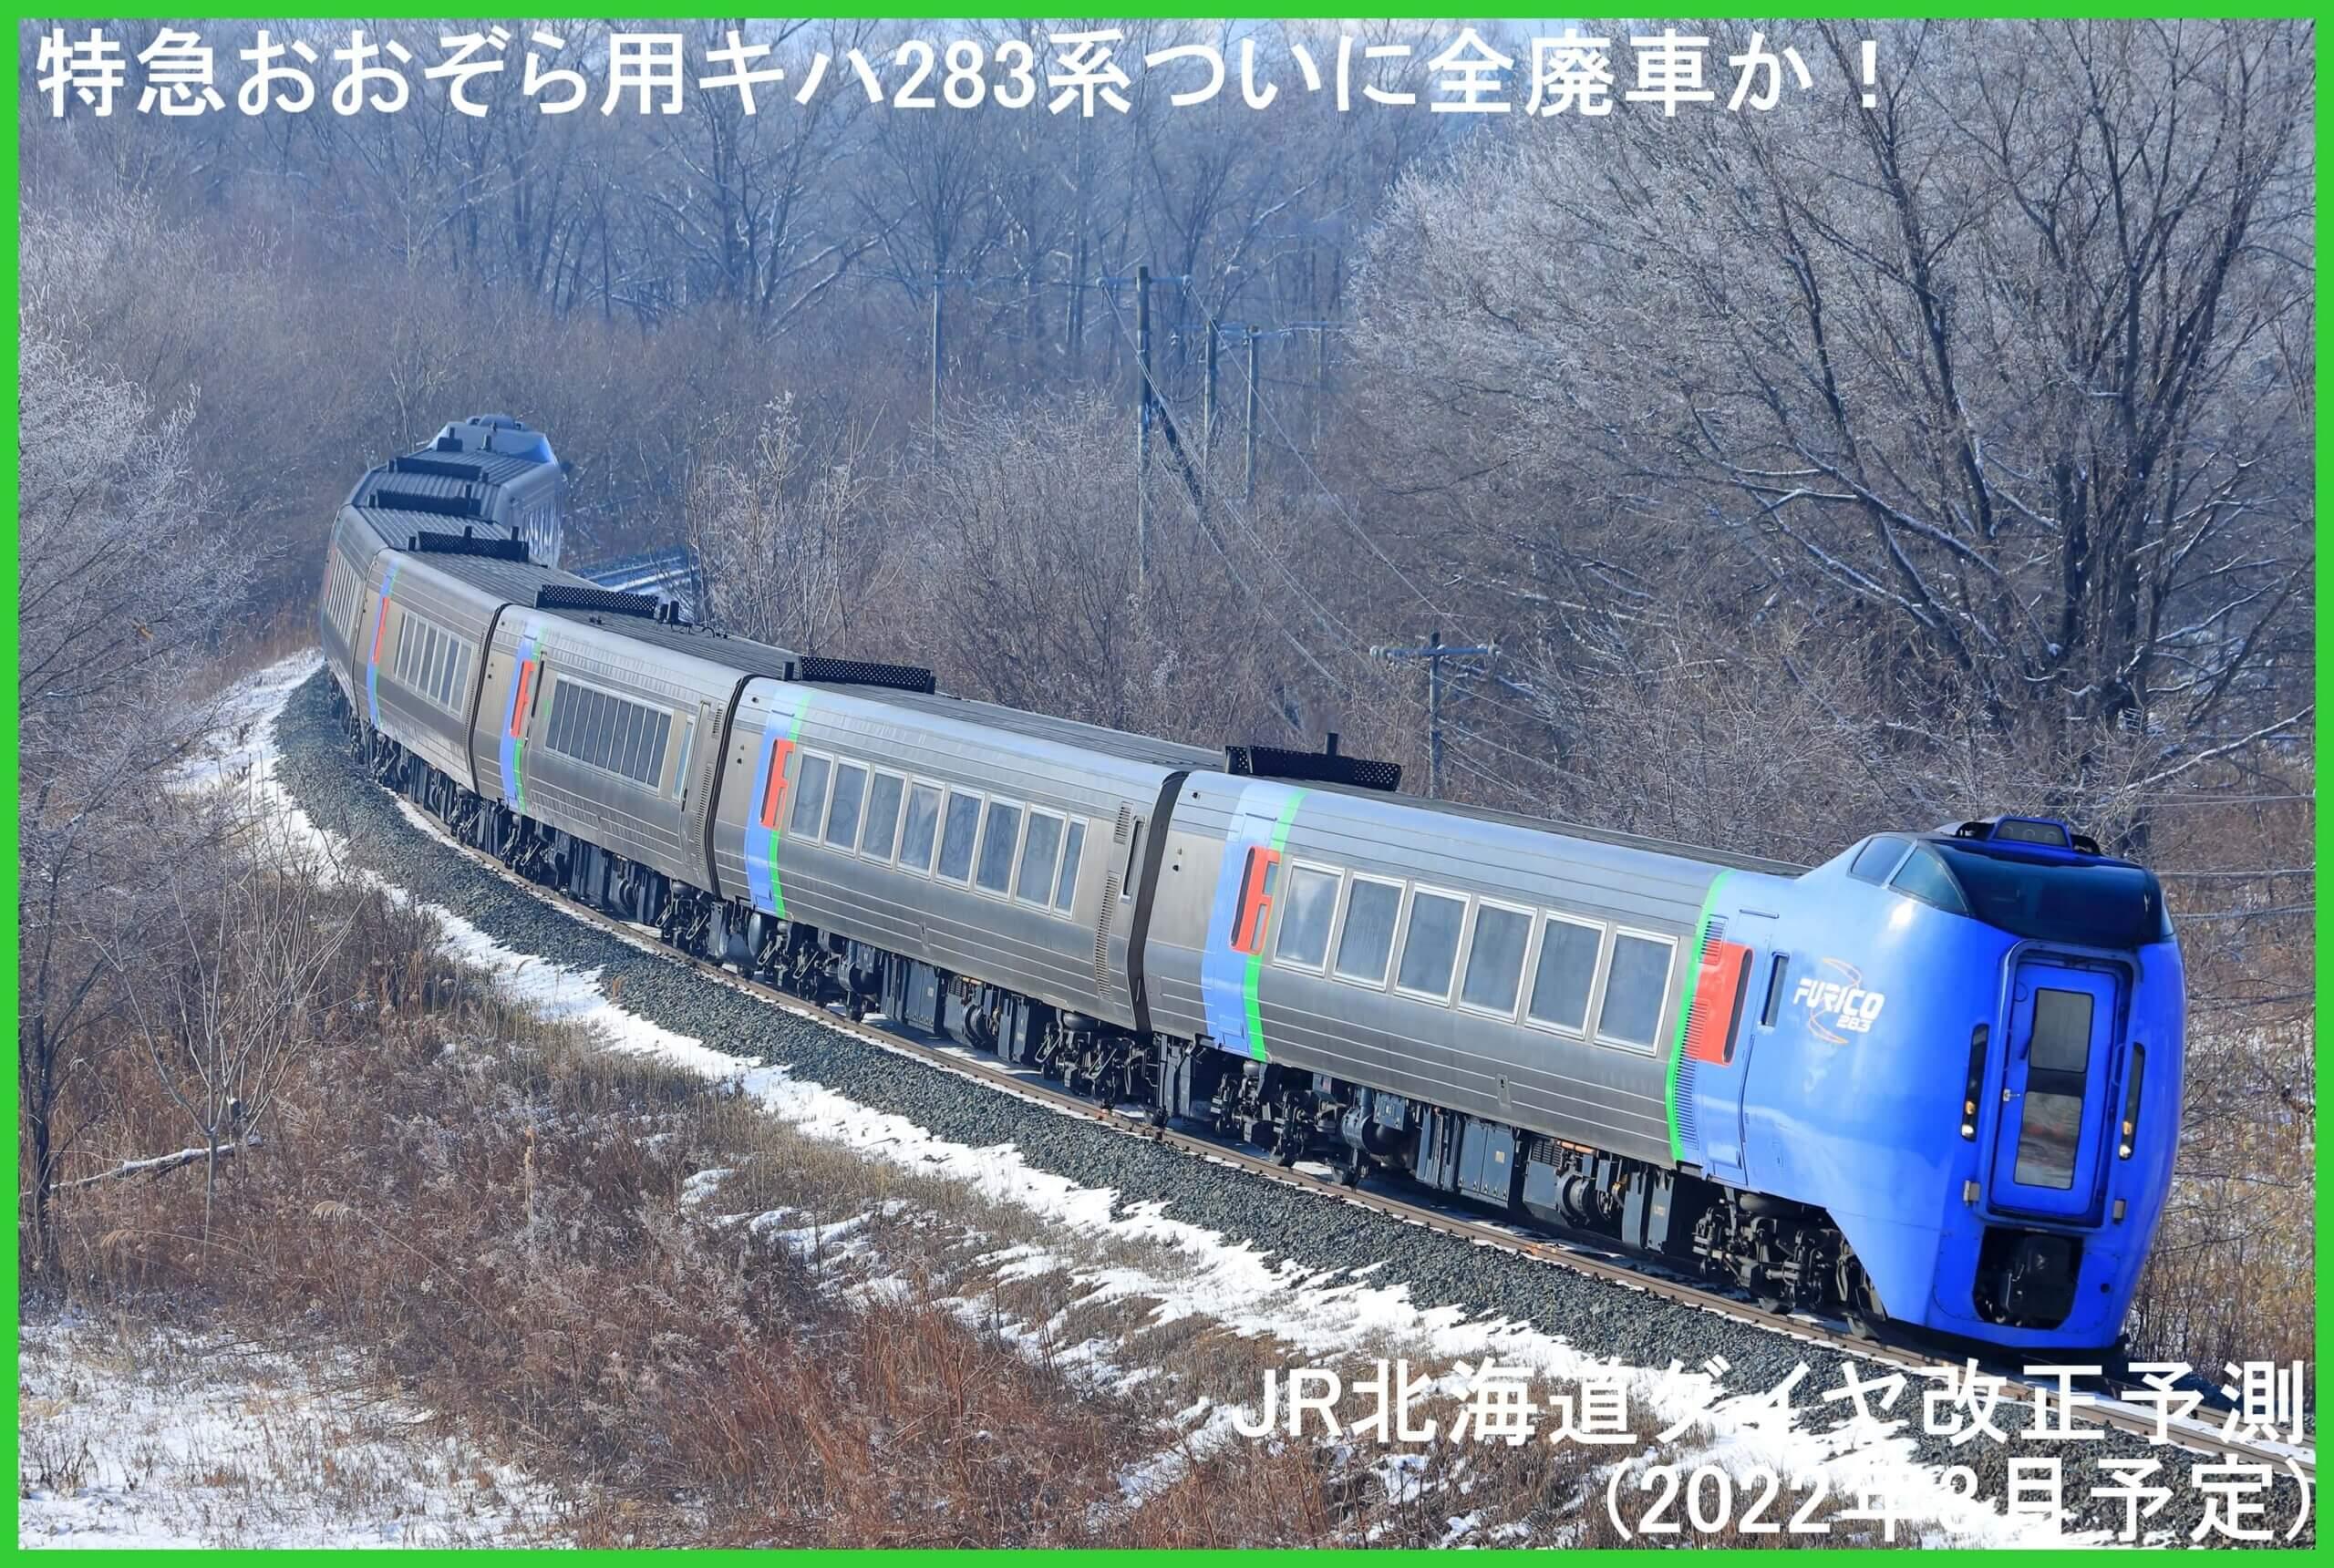 特急おおぞら用キハ283系ついに全廃車か! JR北海道ダイヤ改正予測(2022年3月予定)